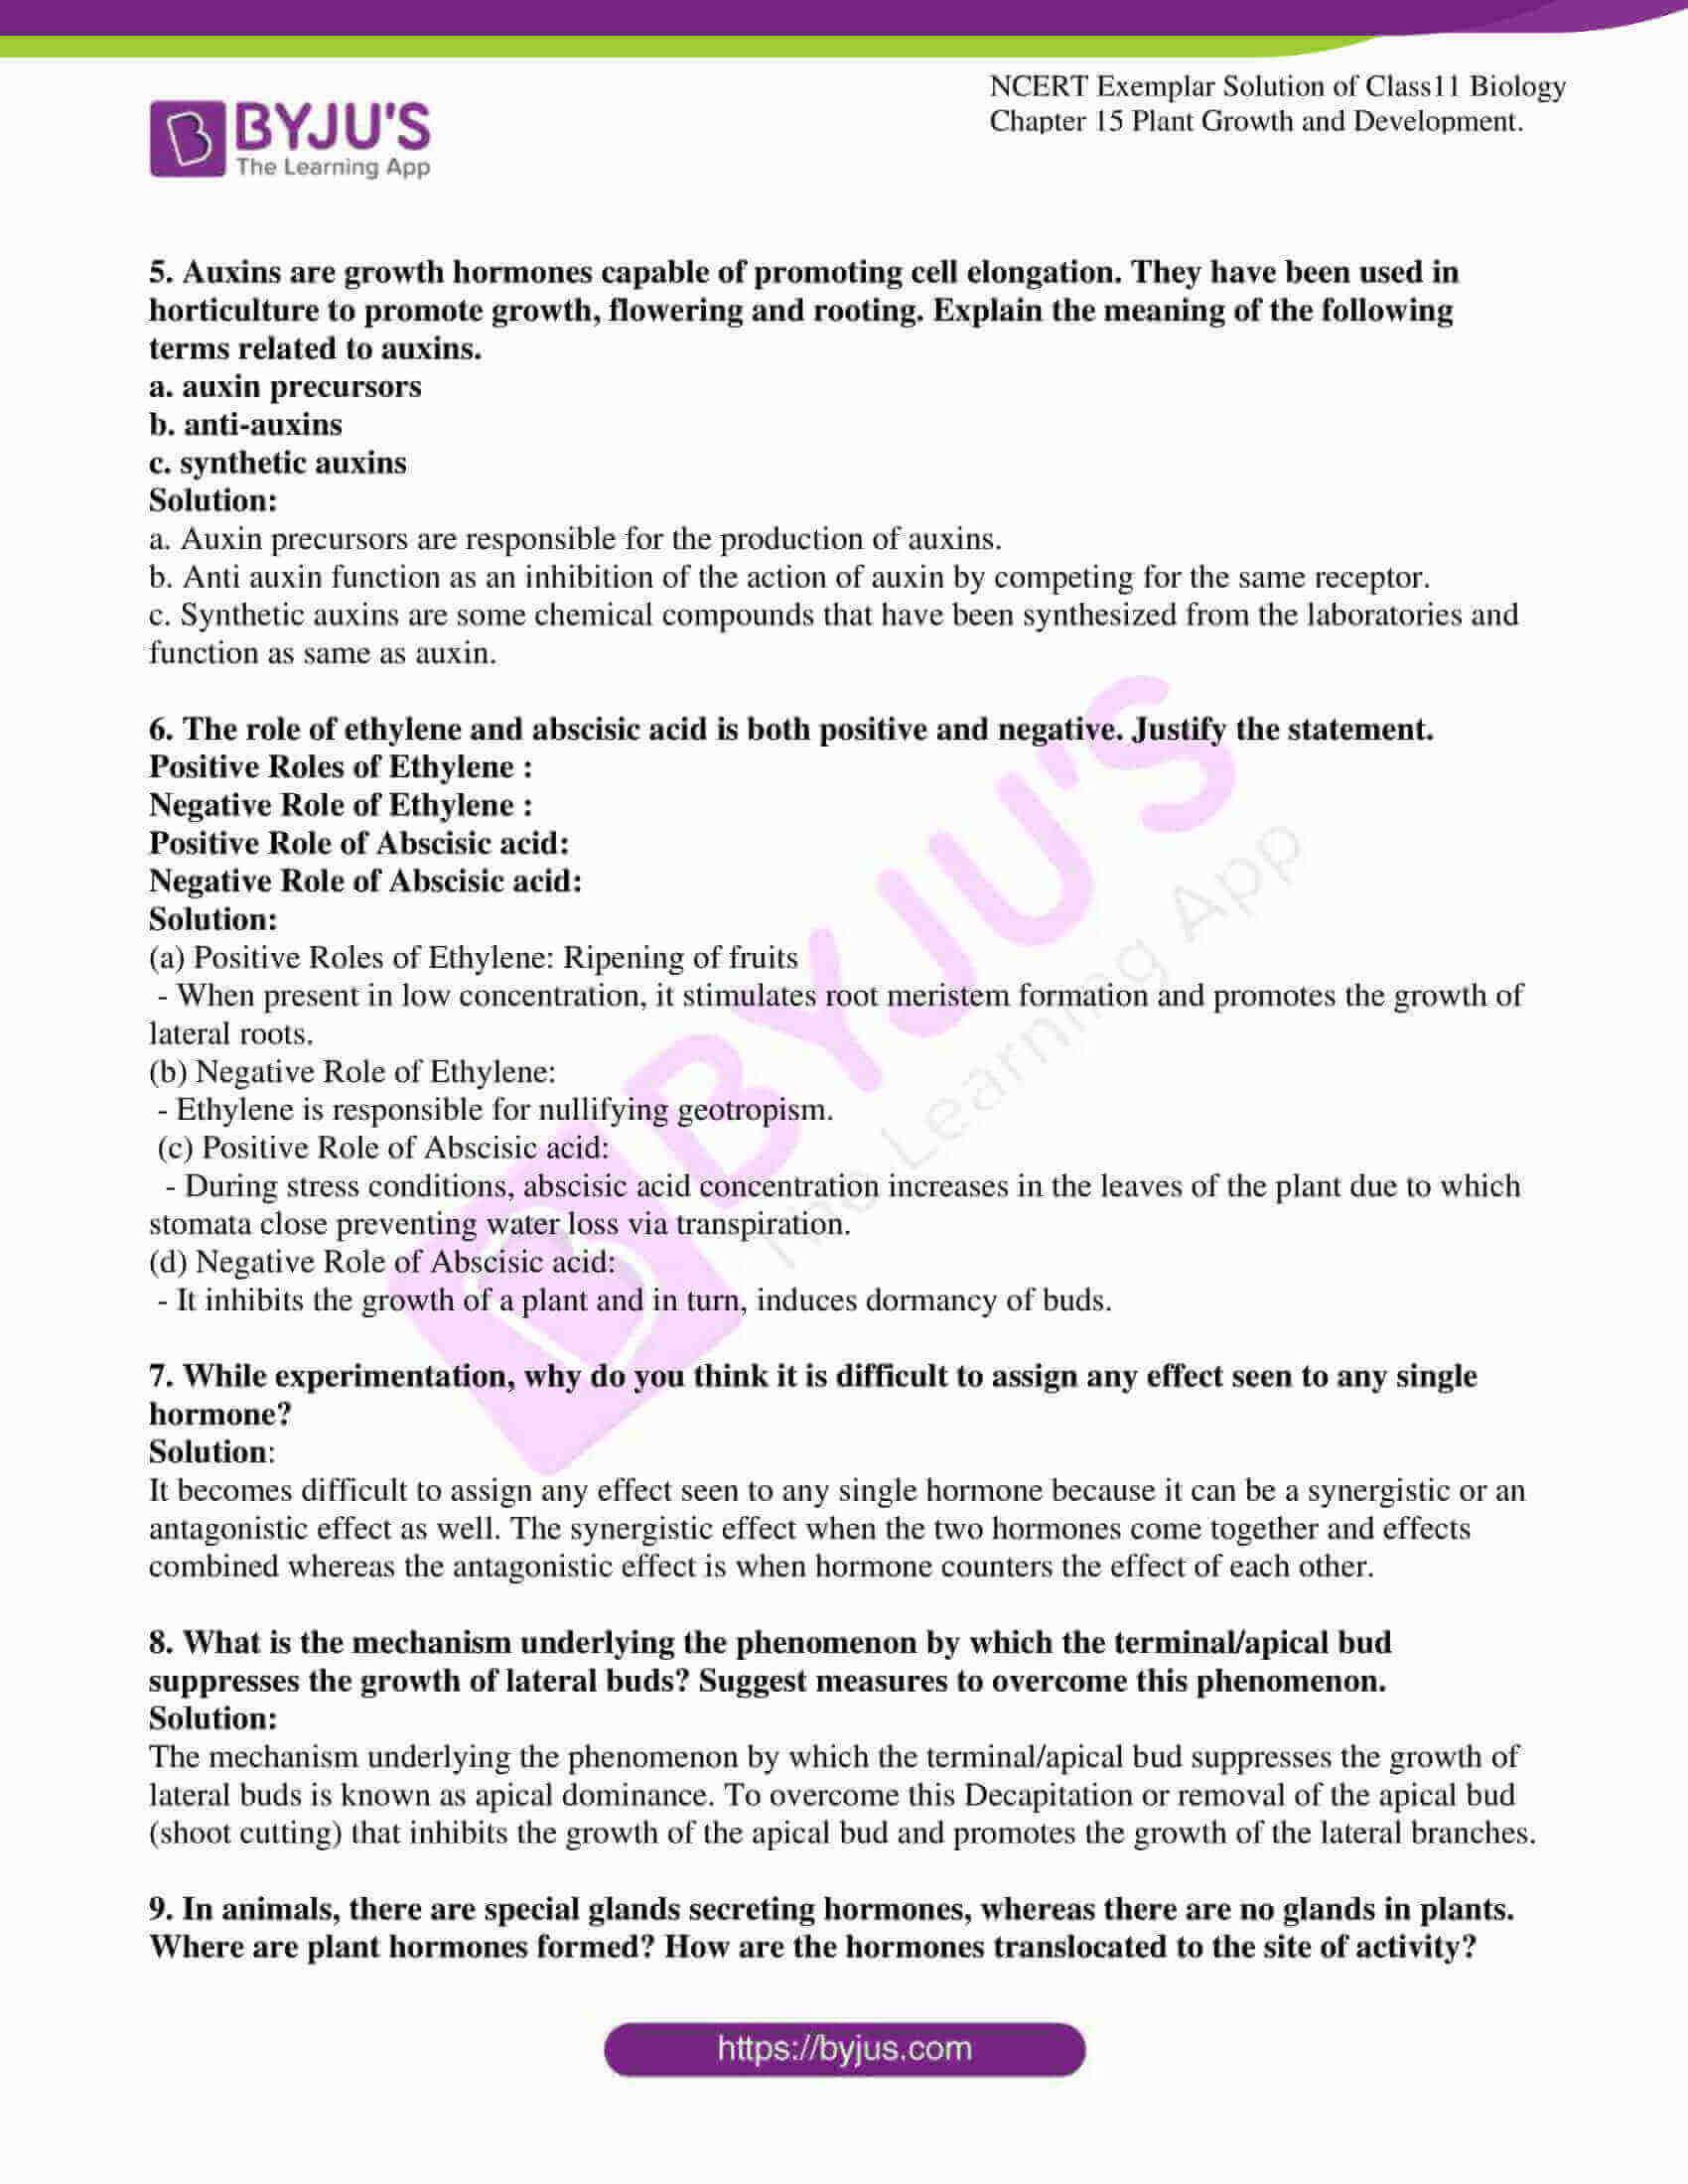 ncert exemplar solutions class 11 biology chapter 15 07